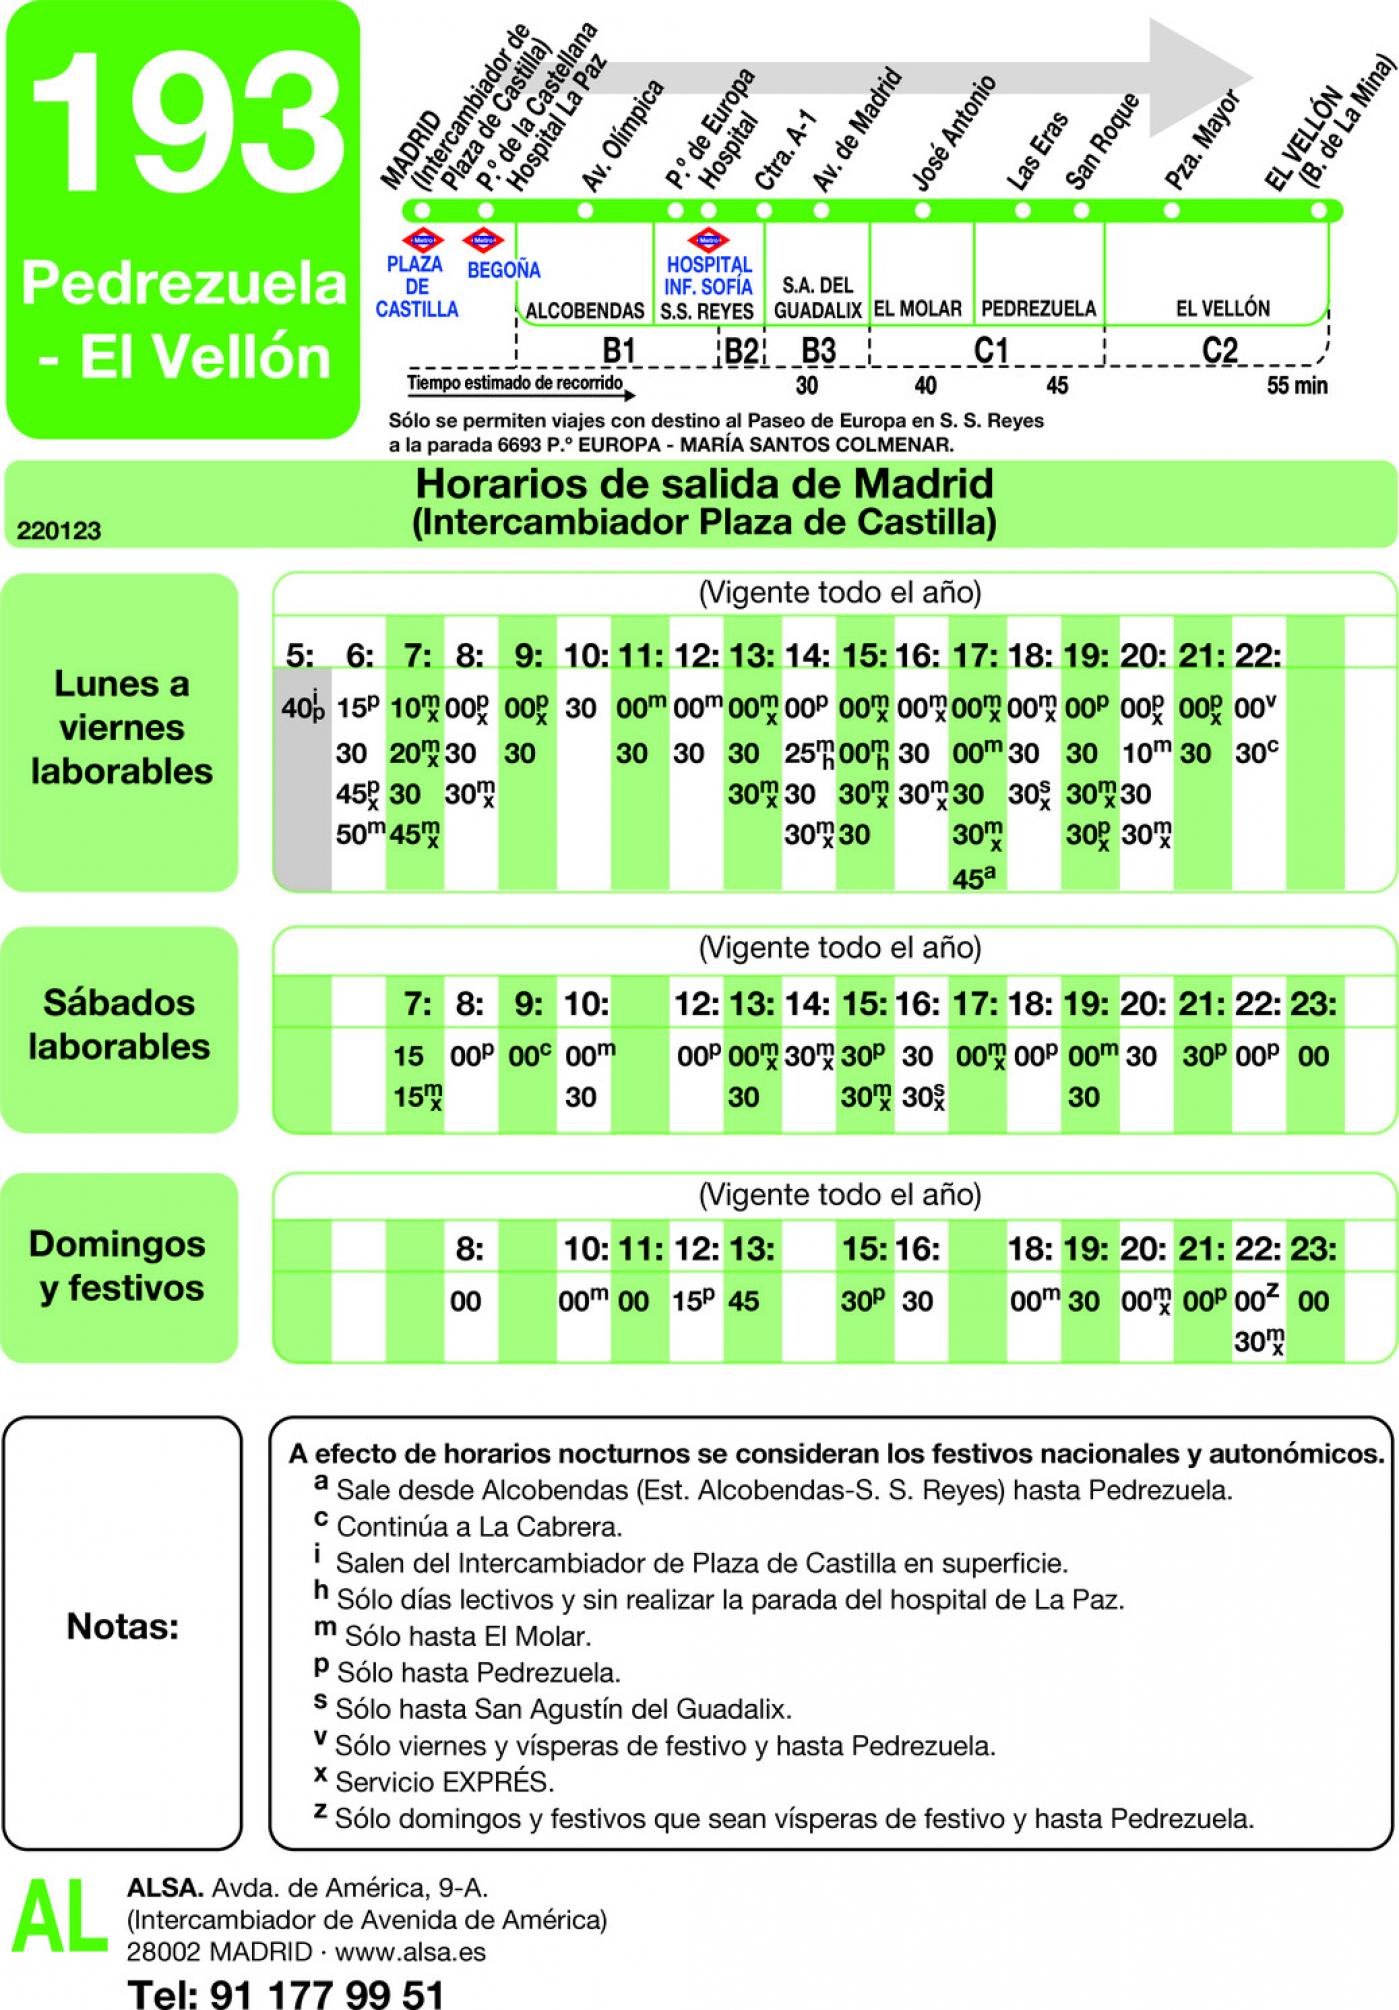 Tabla de horarios y frecuencias de paso en sentido ida Línea 193: Madrid (Plaza Castilla) - Pedrezuela - El Vellón